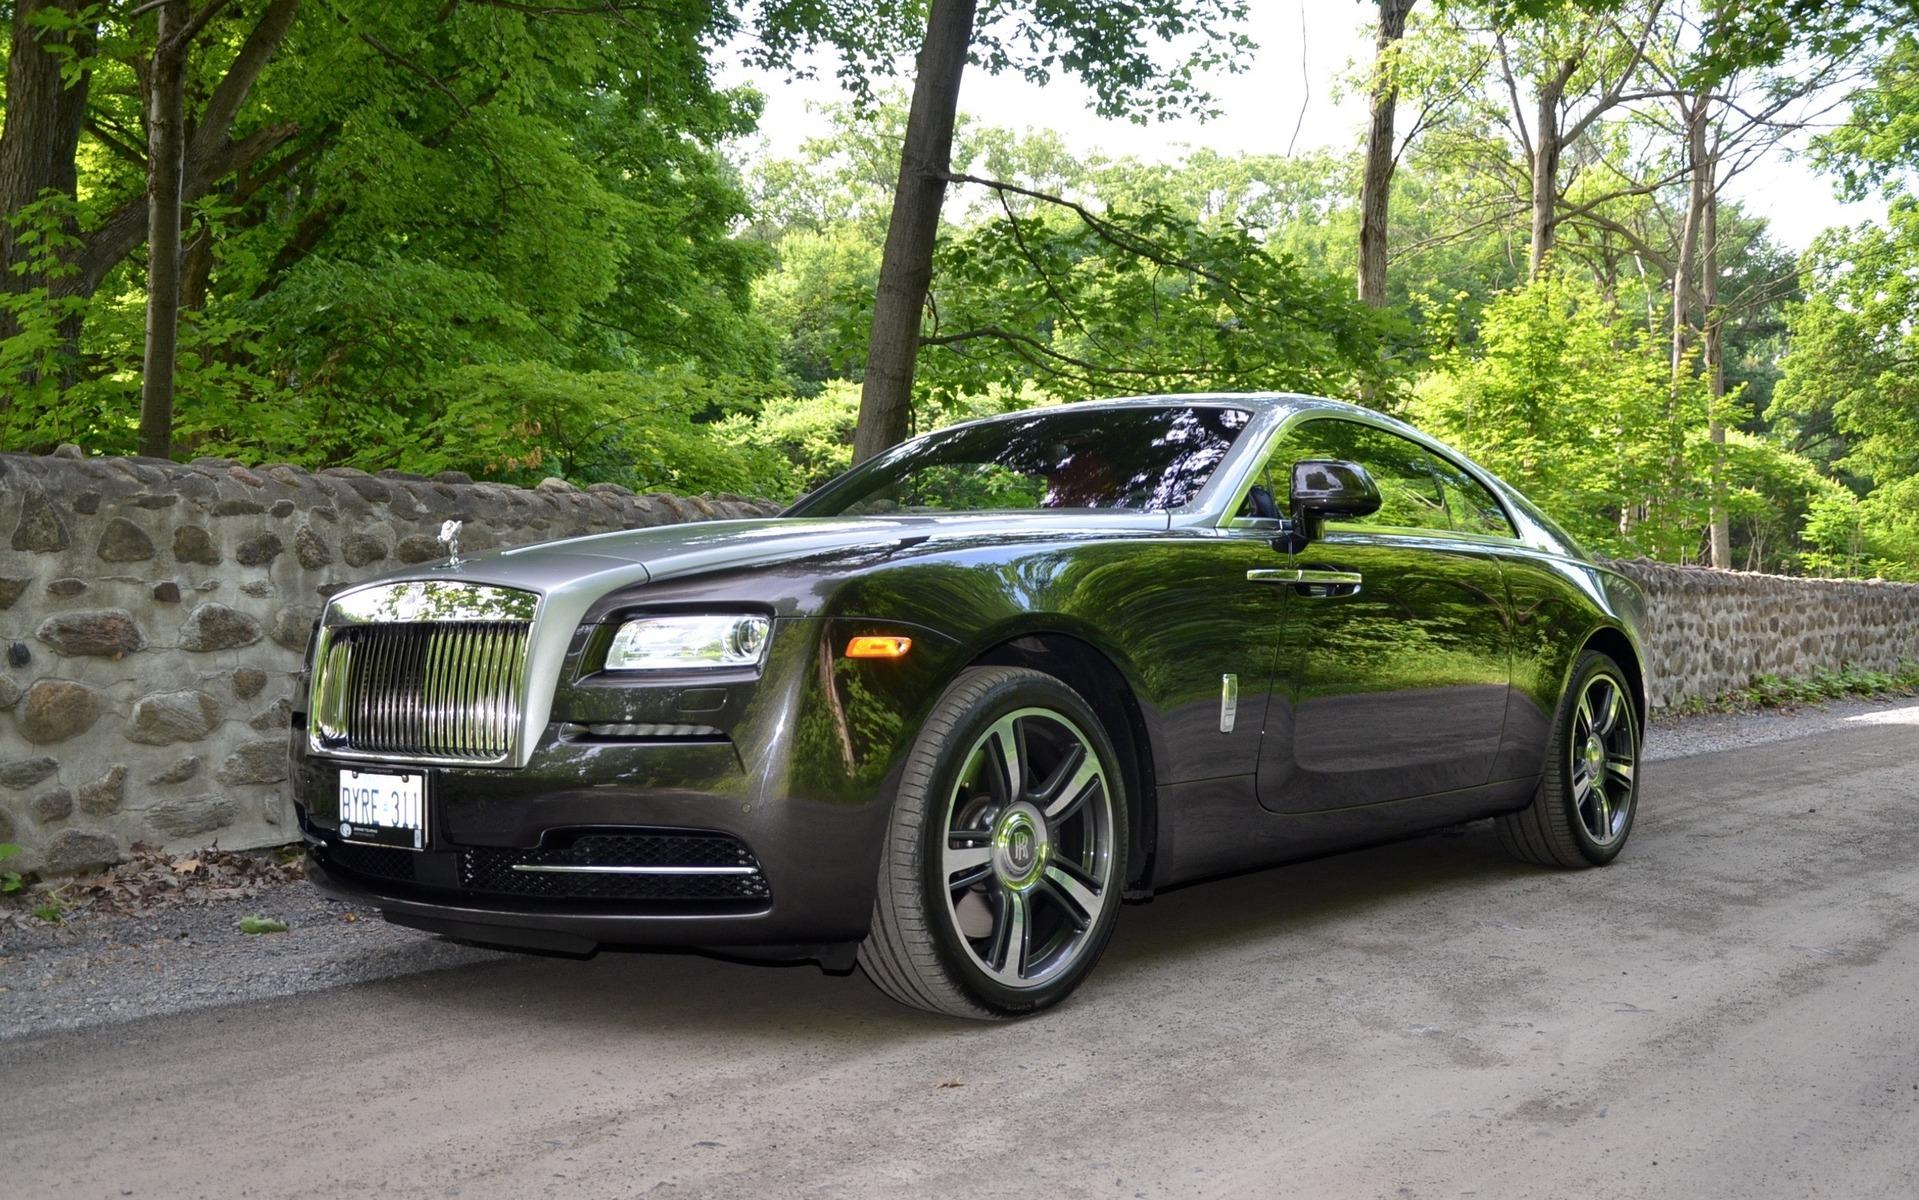 Rolls-Royce Wraith 2016 : au volant d'un fantôme de 462 000 $